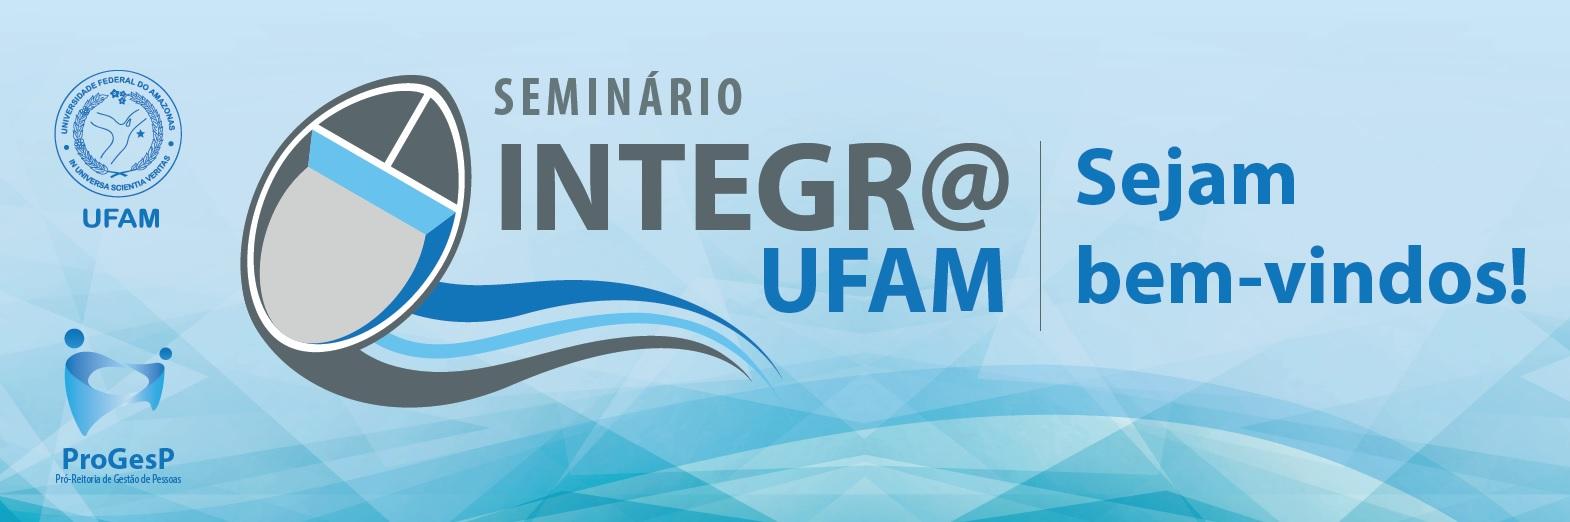 XIII Seminário Integr@ UFAM 2019